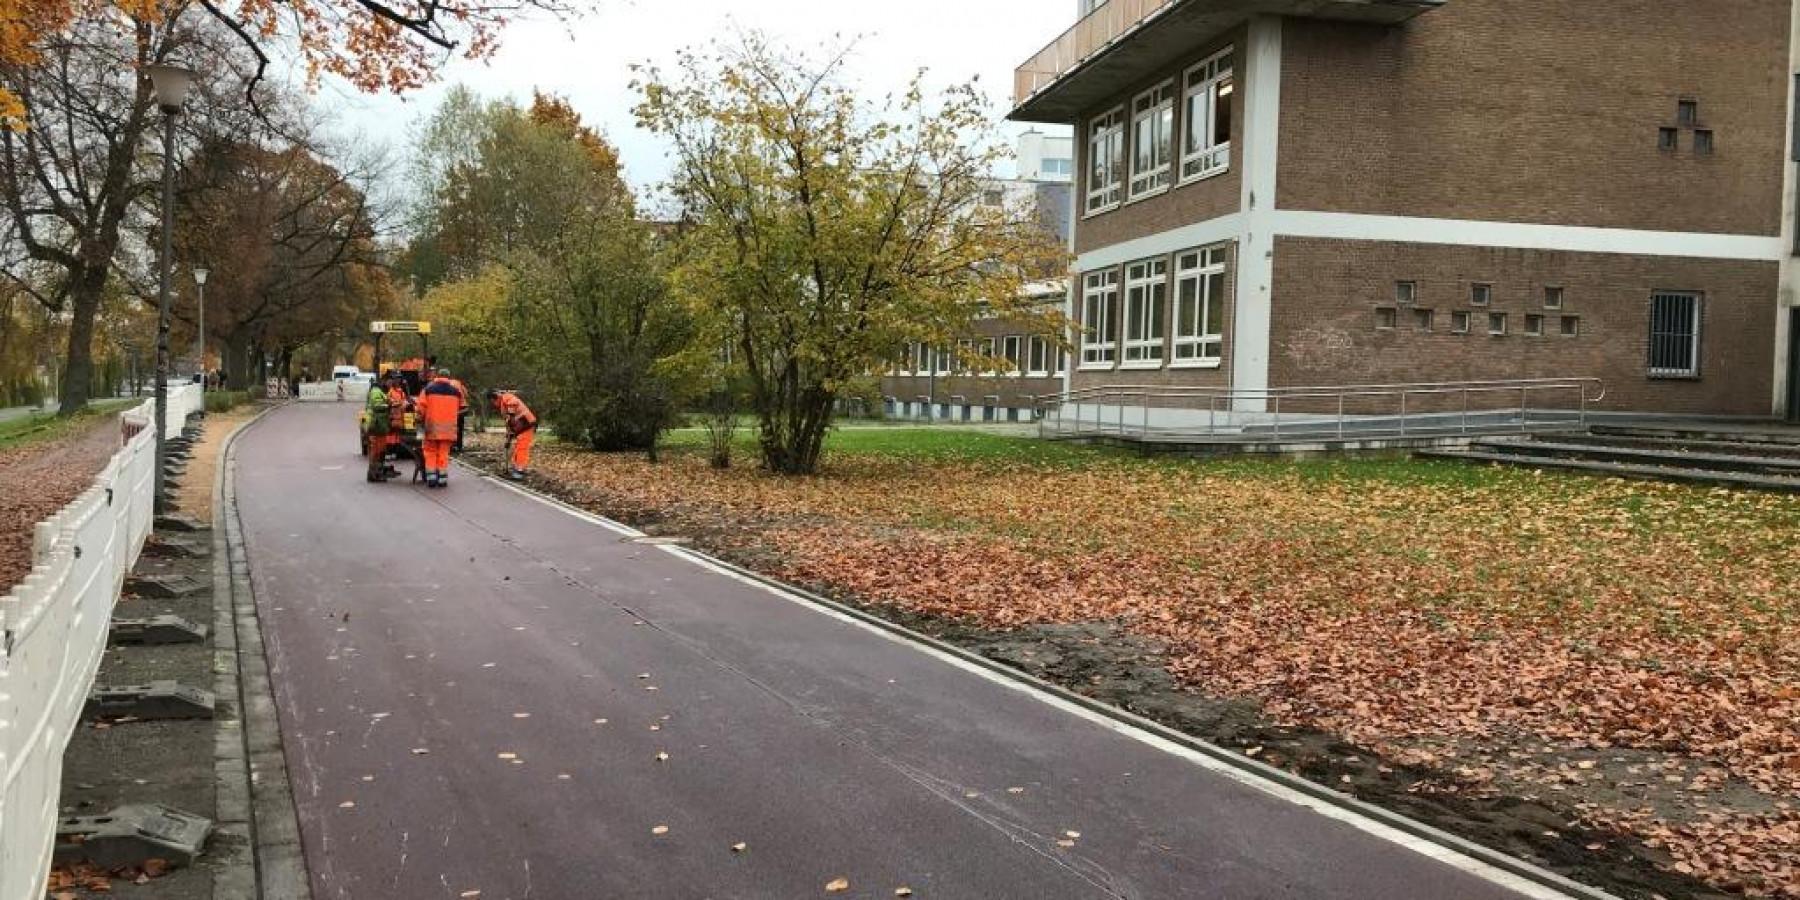 Aus Radweg wird rote Fahrradstraße